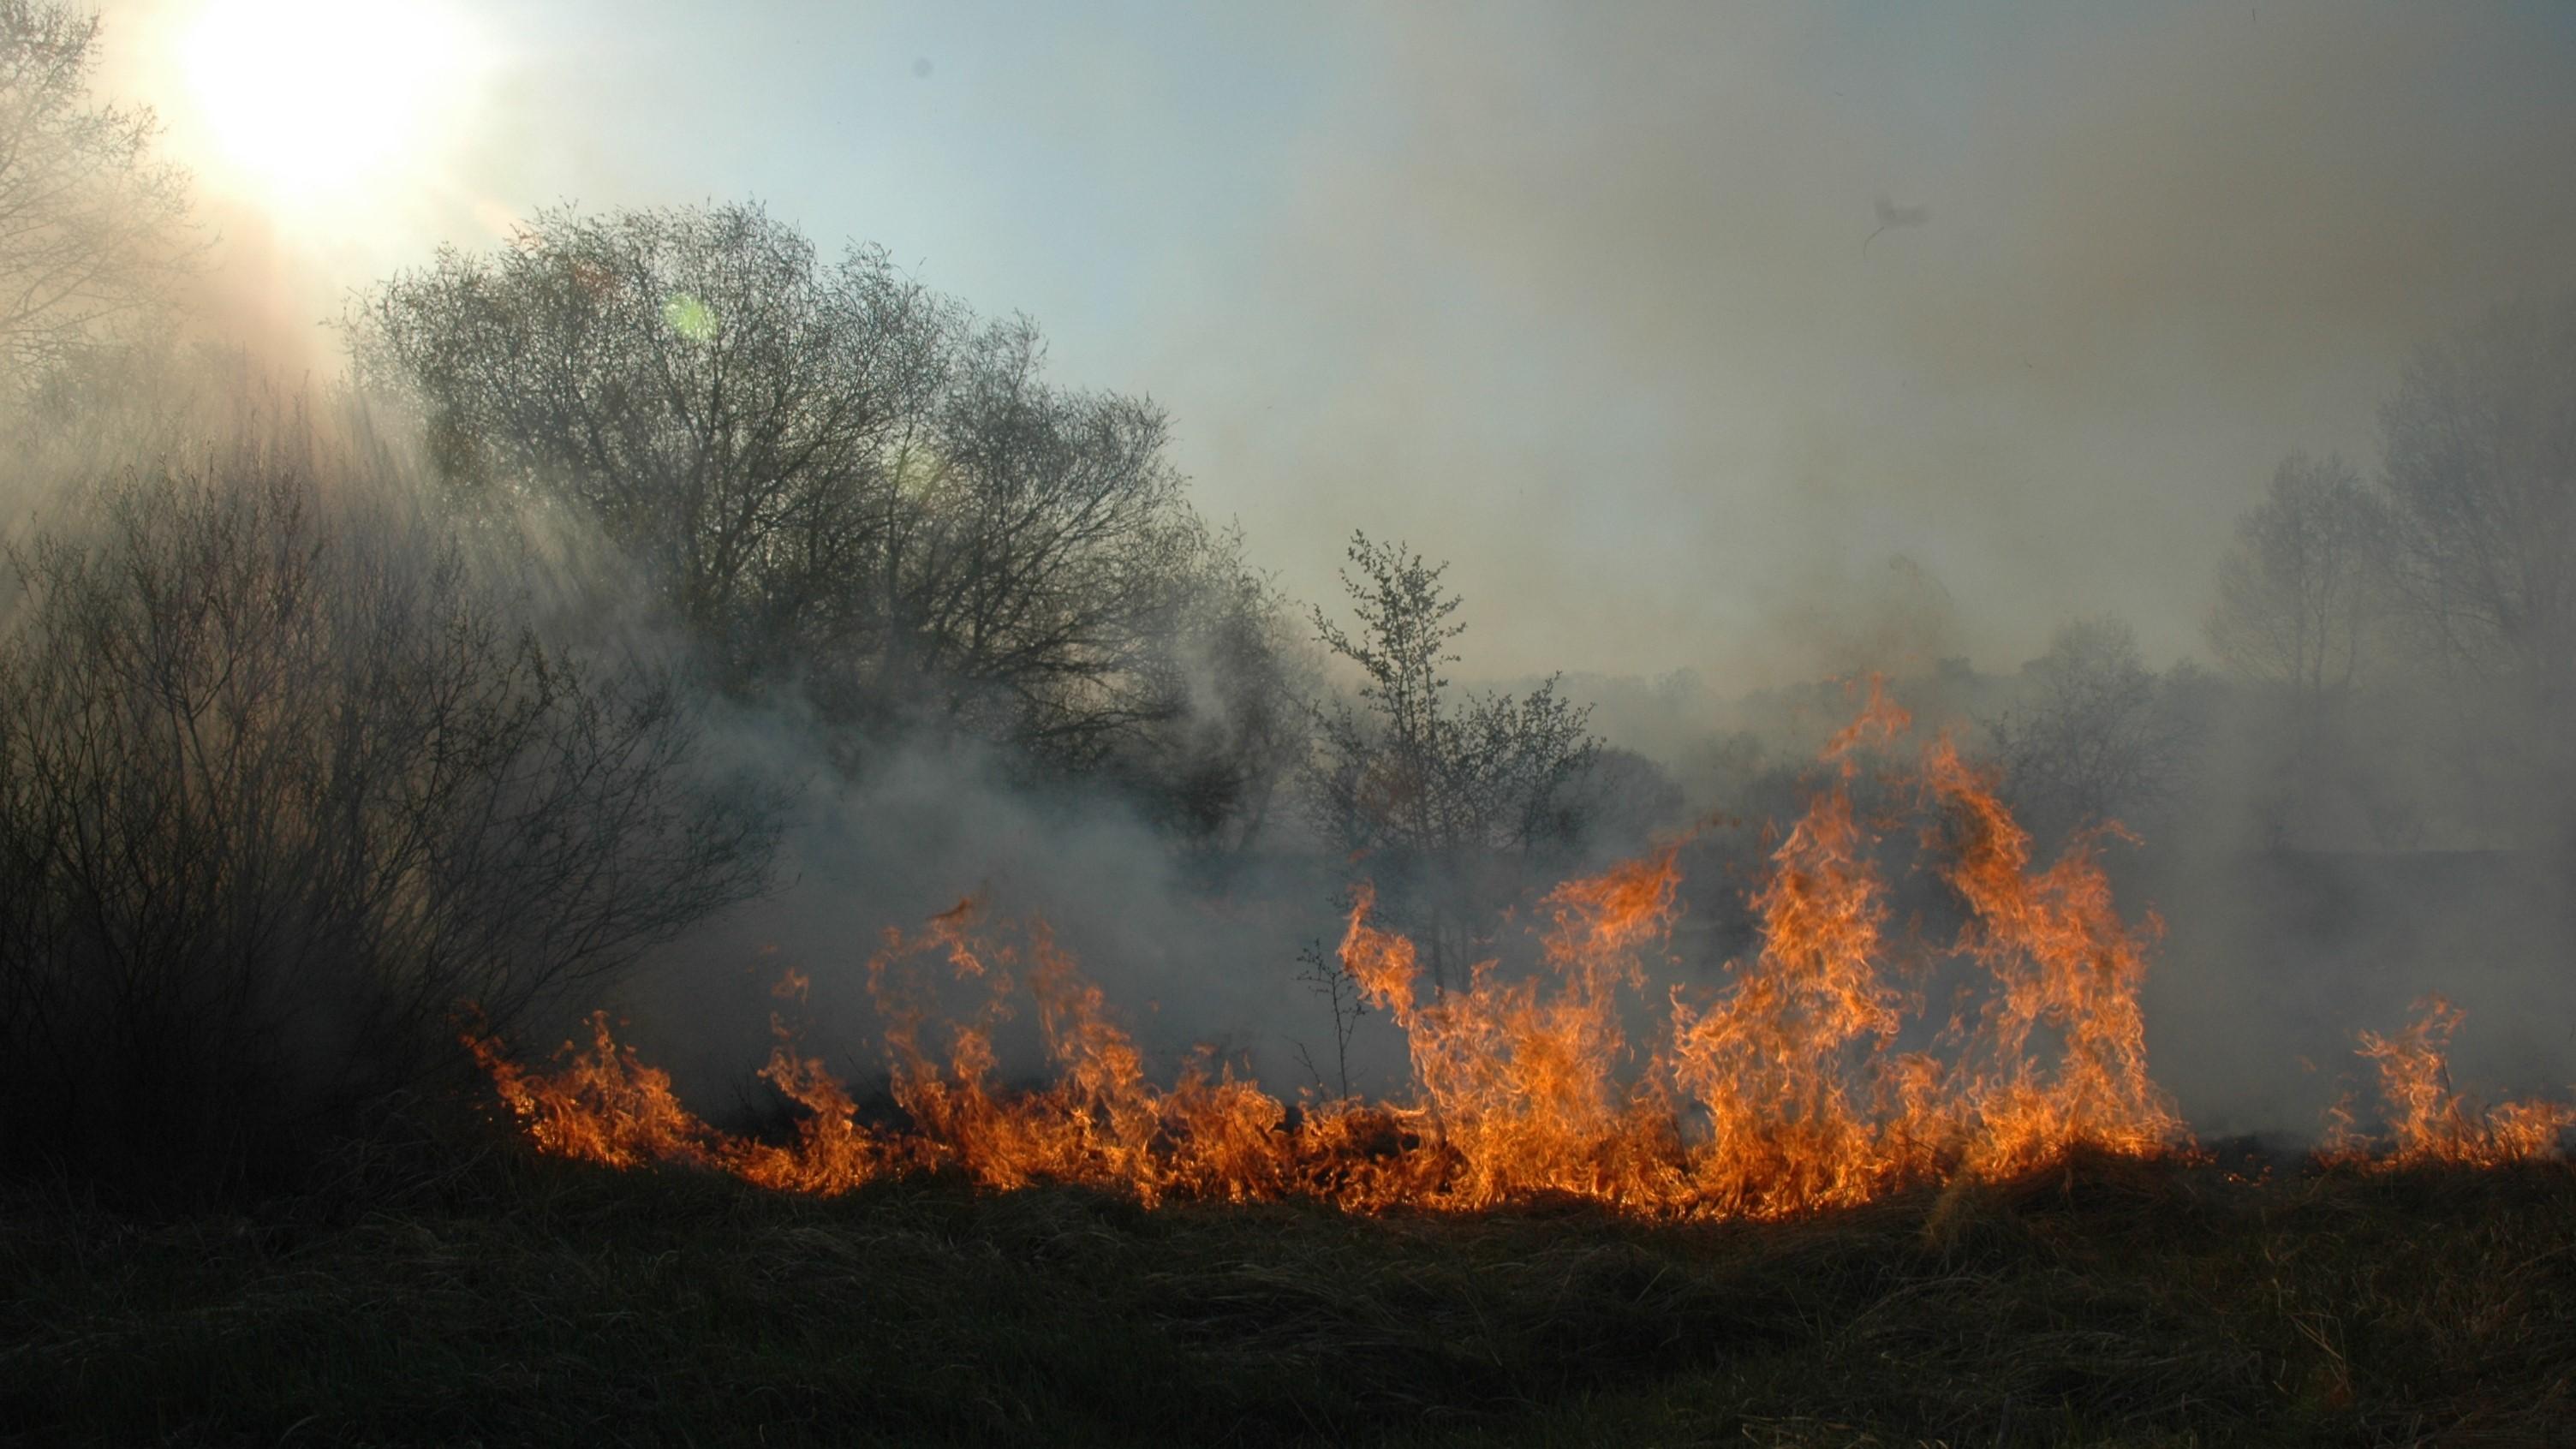 las pożar straż pożarna ogień łąka - Wojtek Wardejn